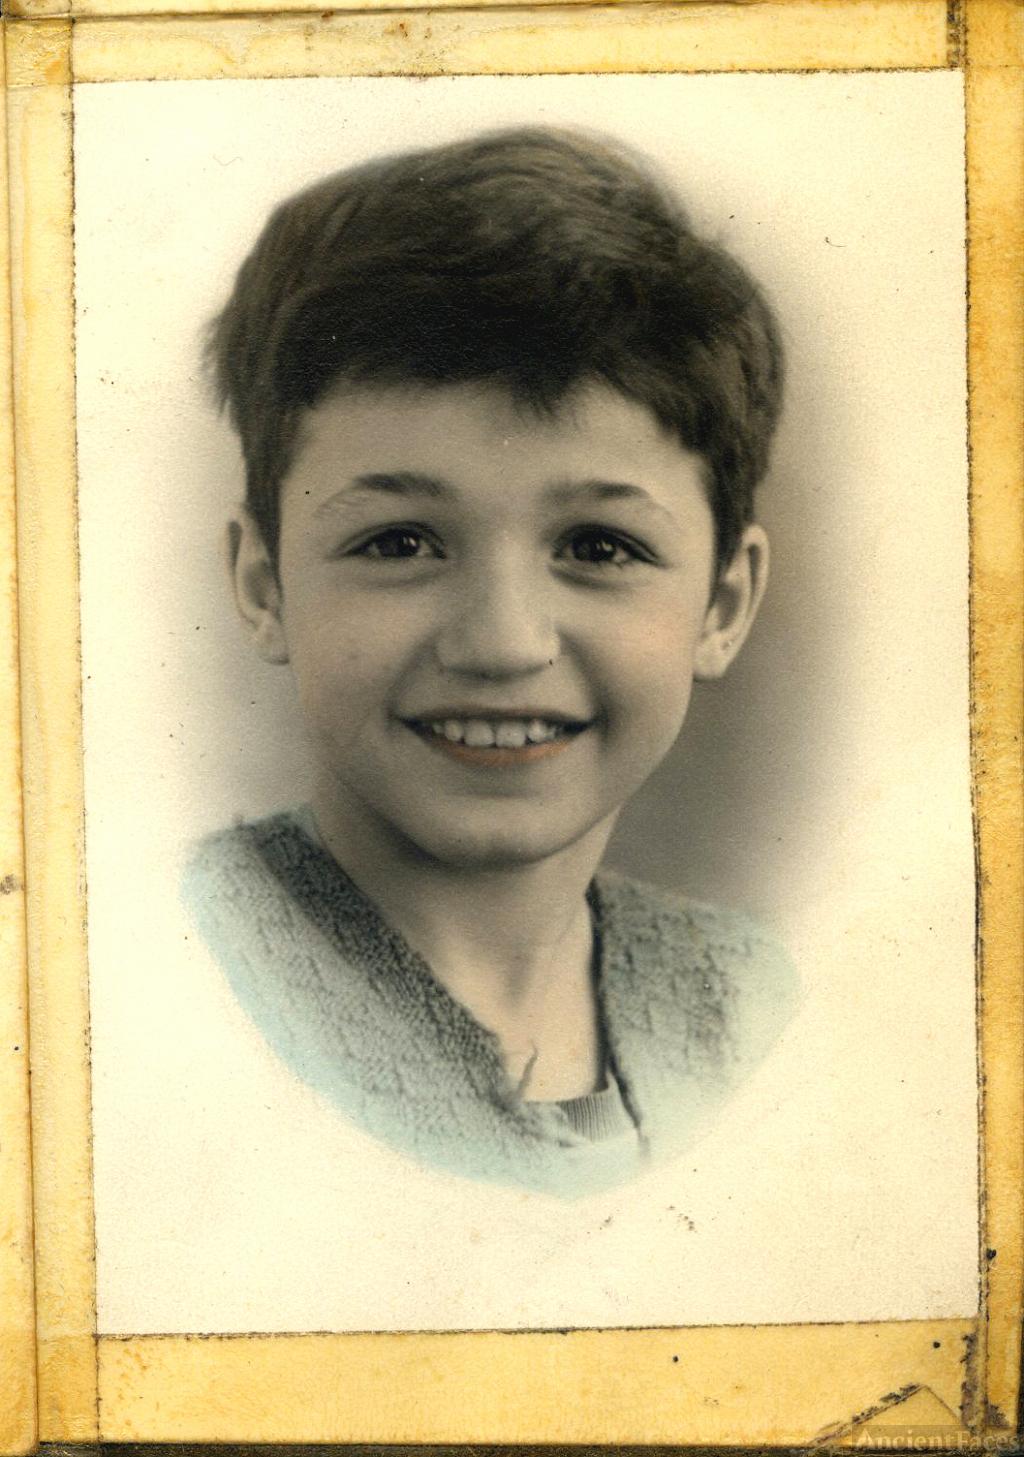 Louis A Carangelo